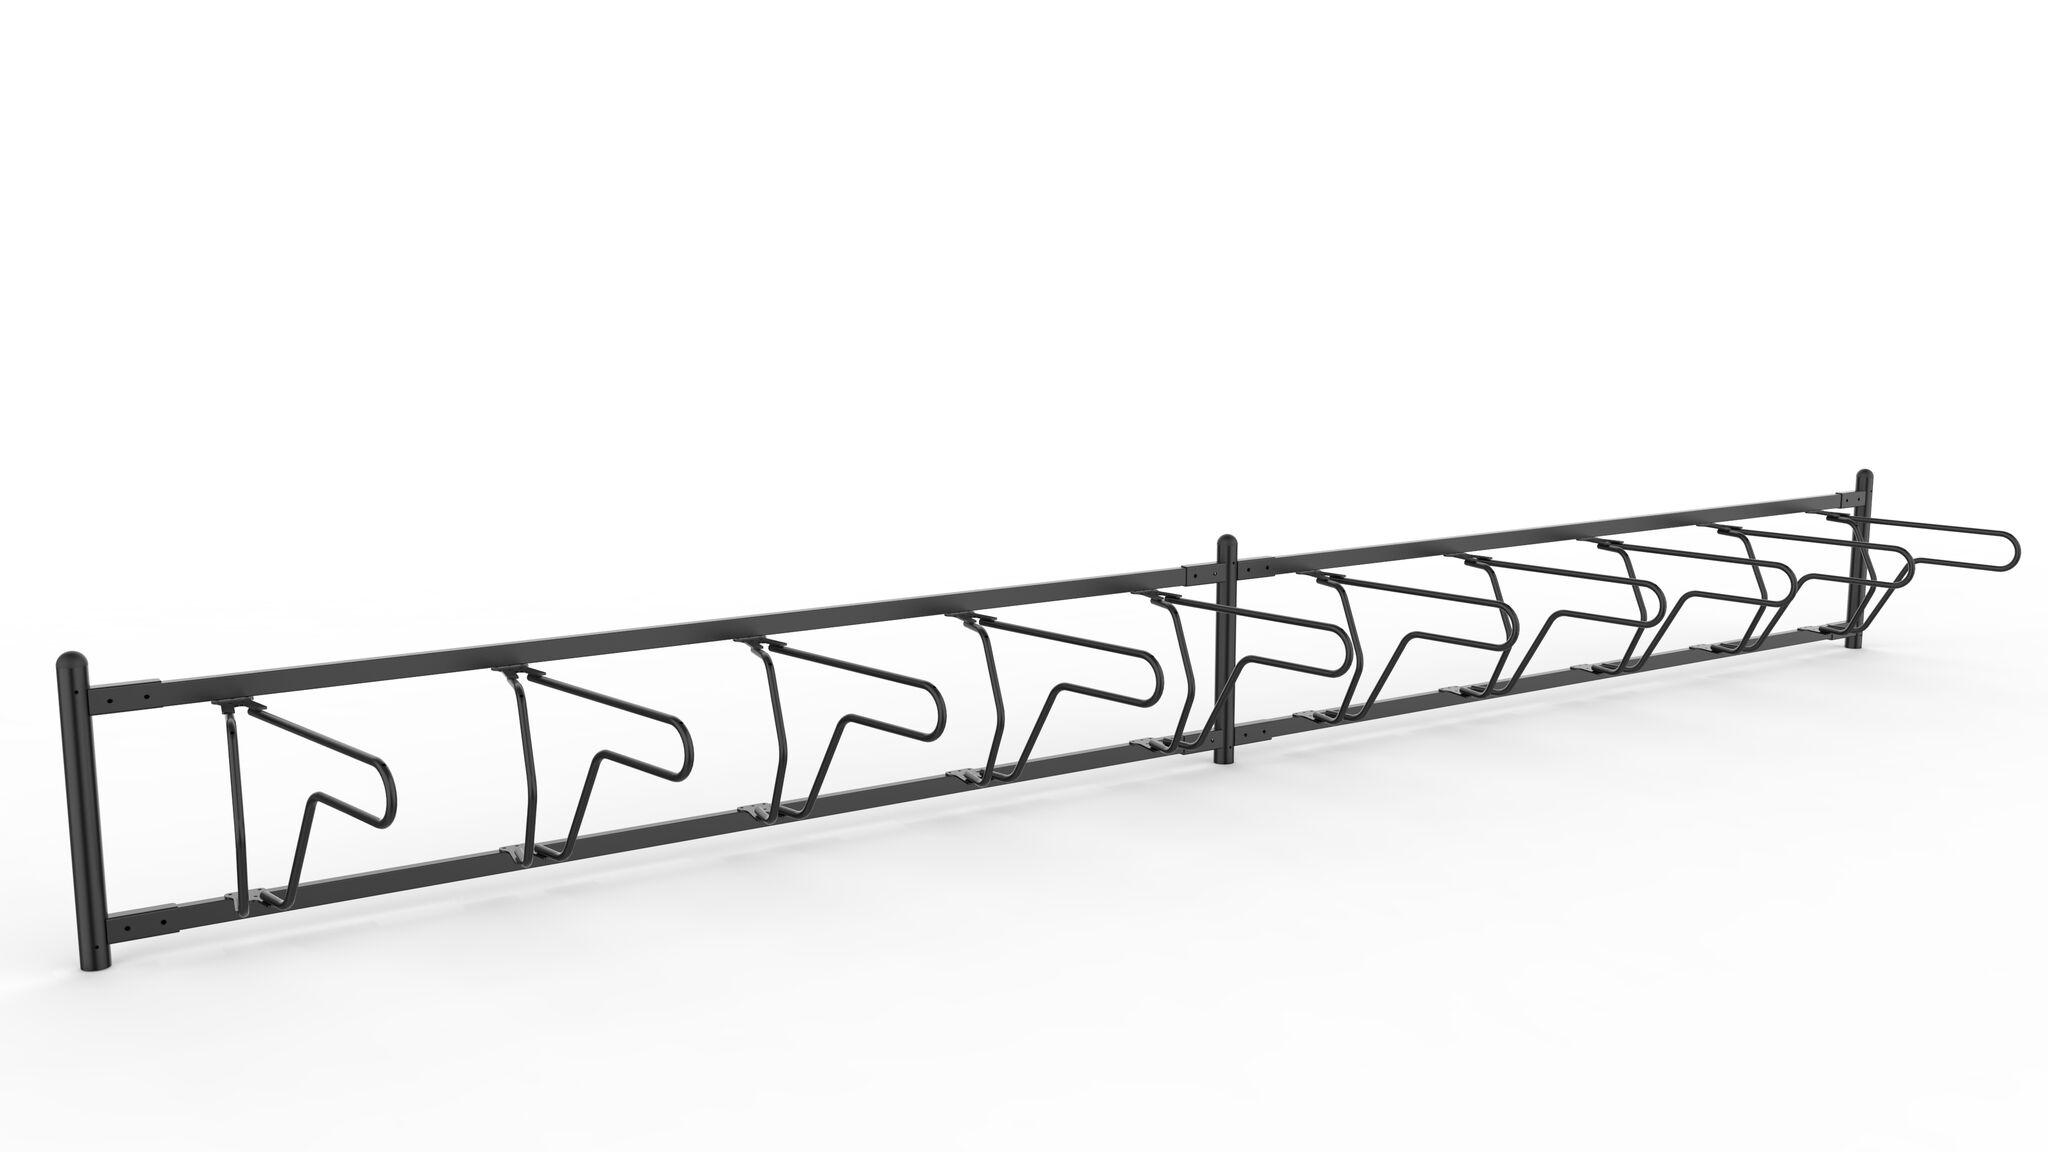 Delta runkolukitusteline, yksipuolinen pyöräteline edestä ja kahdella jaksolla jota voidaan myös pidentää, valkoinen pohja